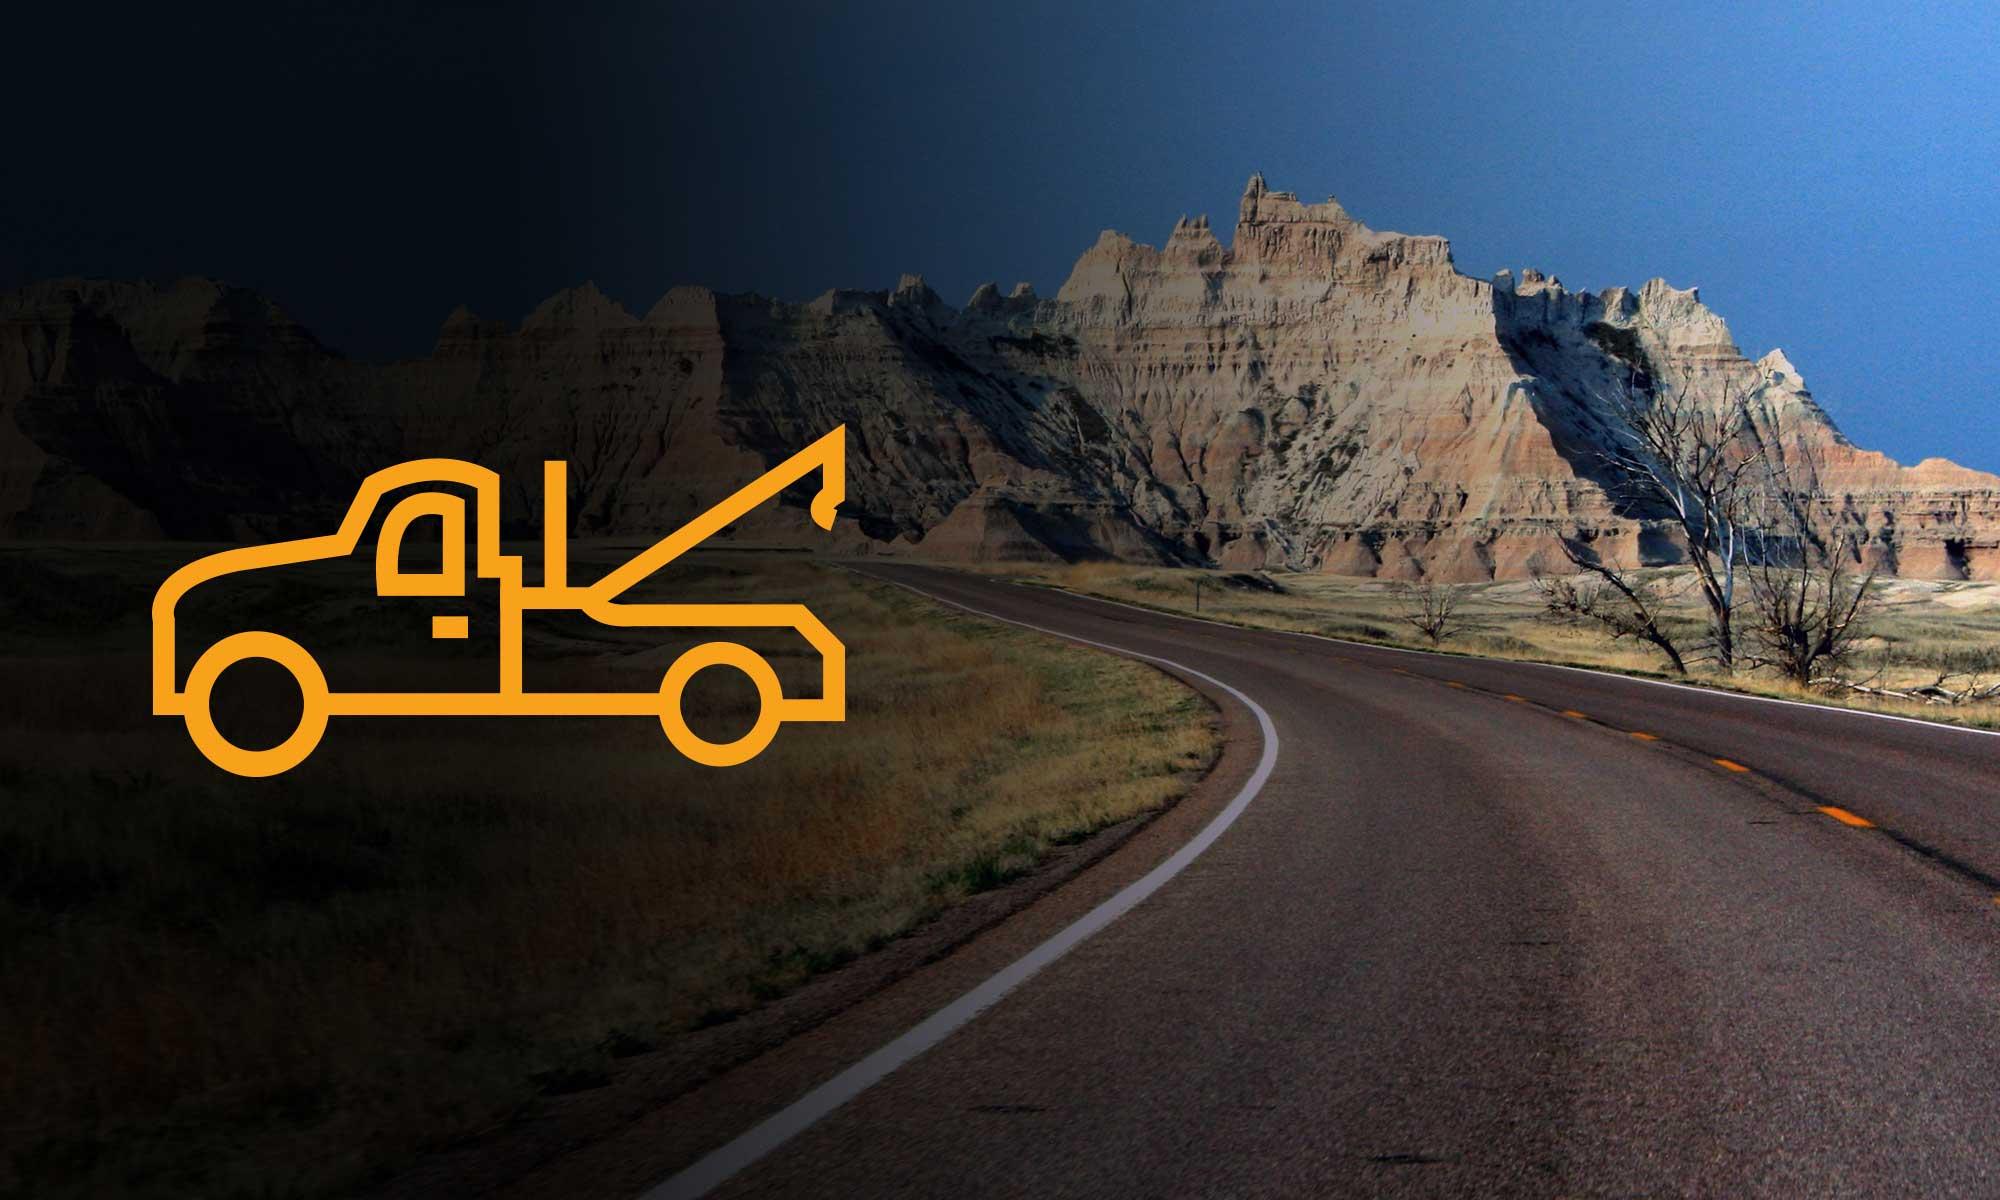 Endurance-Elite-Roadside-Assistance